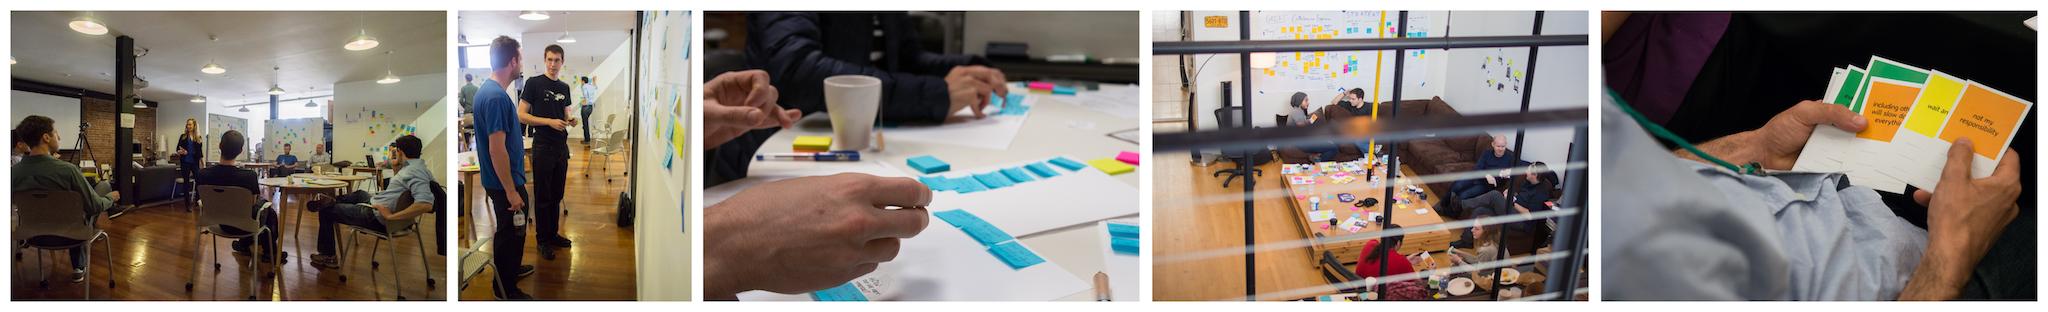 DIT Strategy / Culture Workshop Mosaic